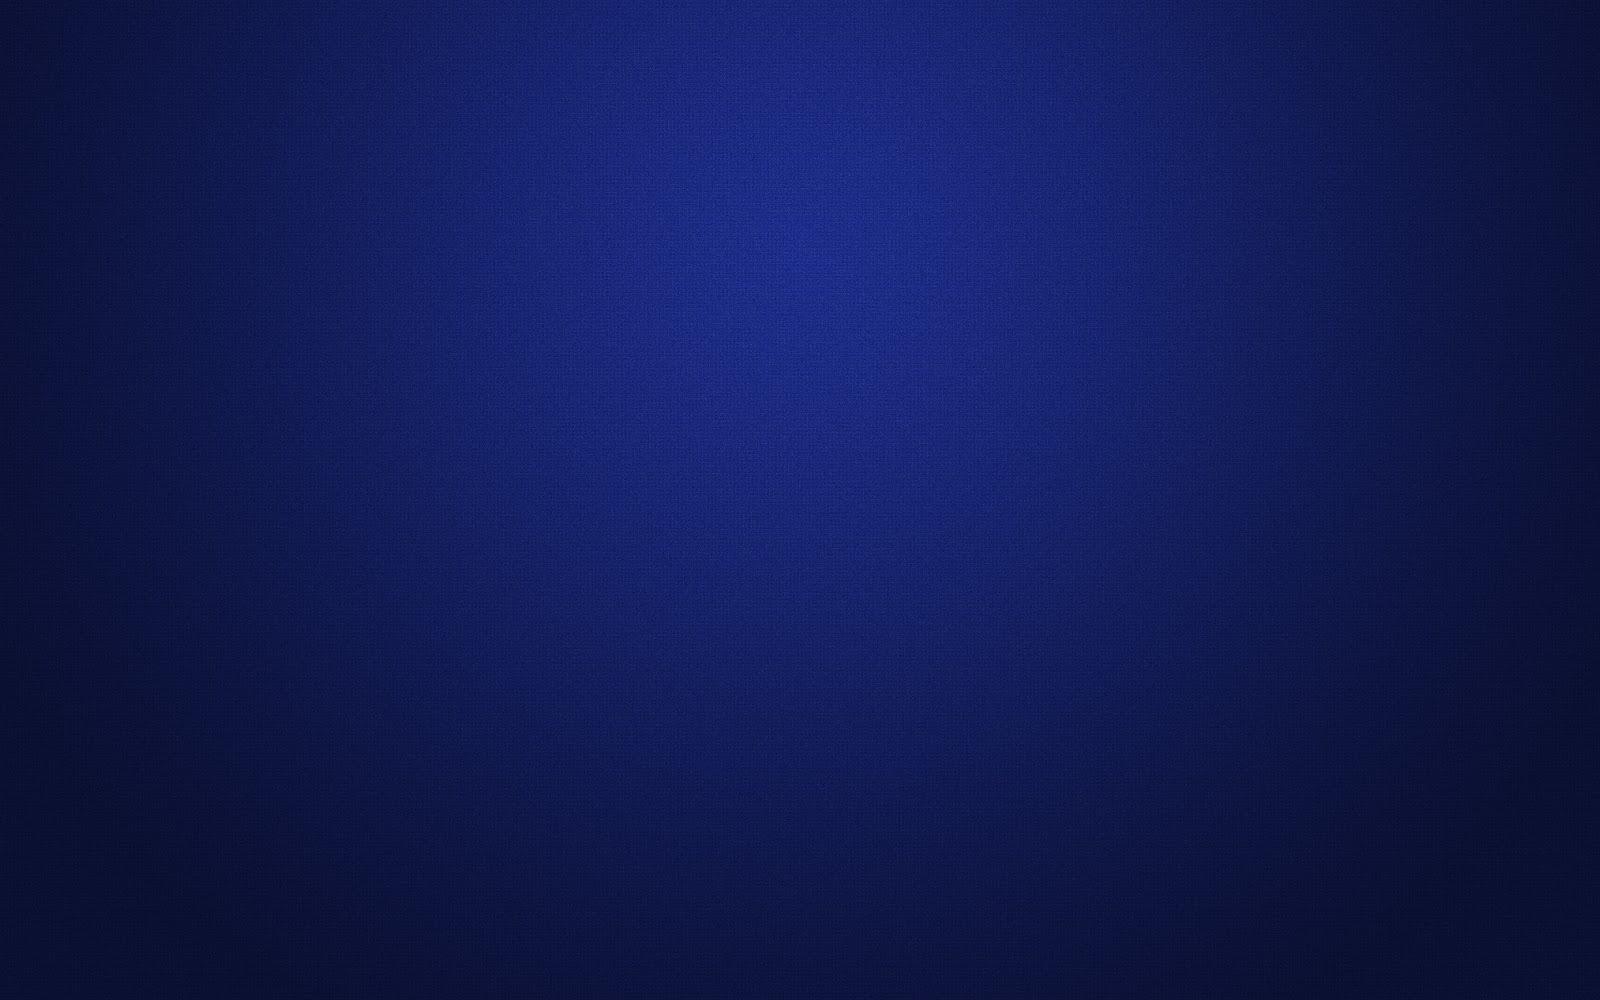 Blauwe Achtergronden HD Wallpapers 1600x1000